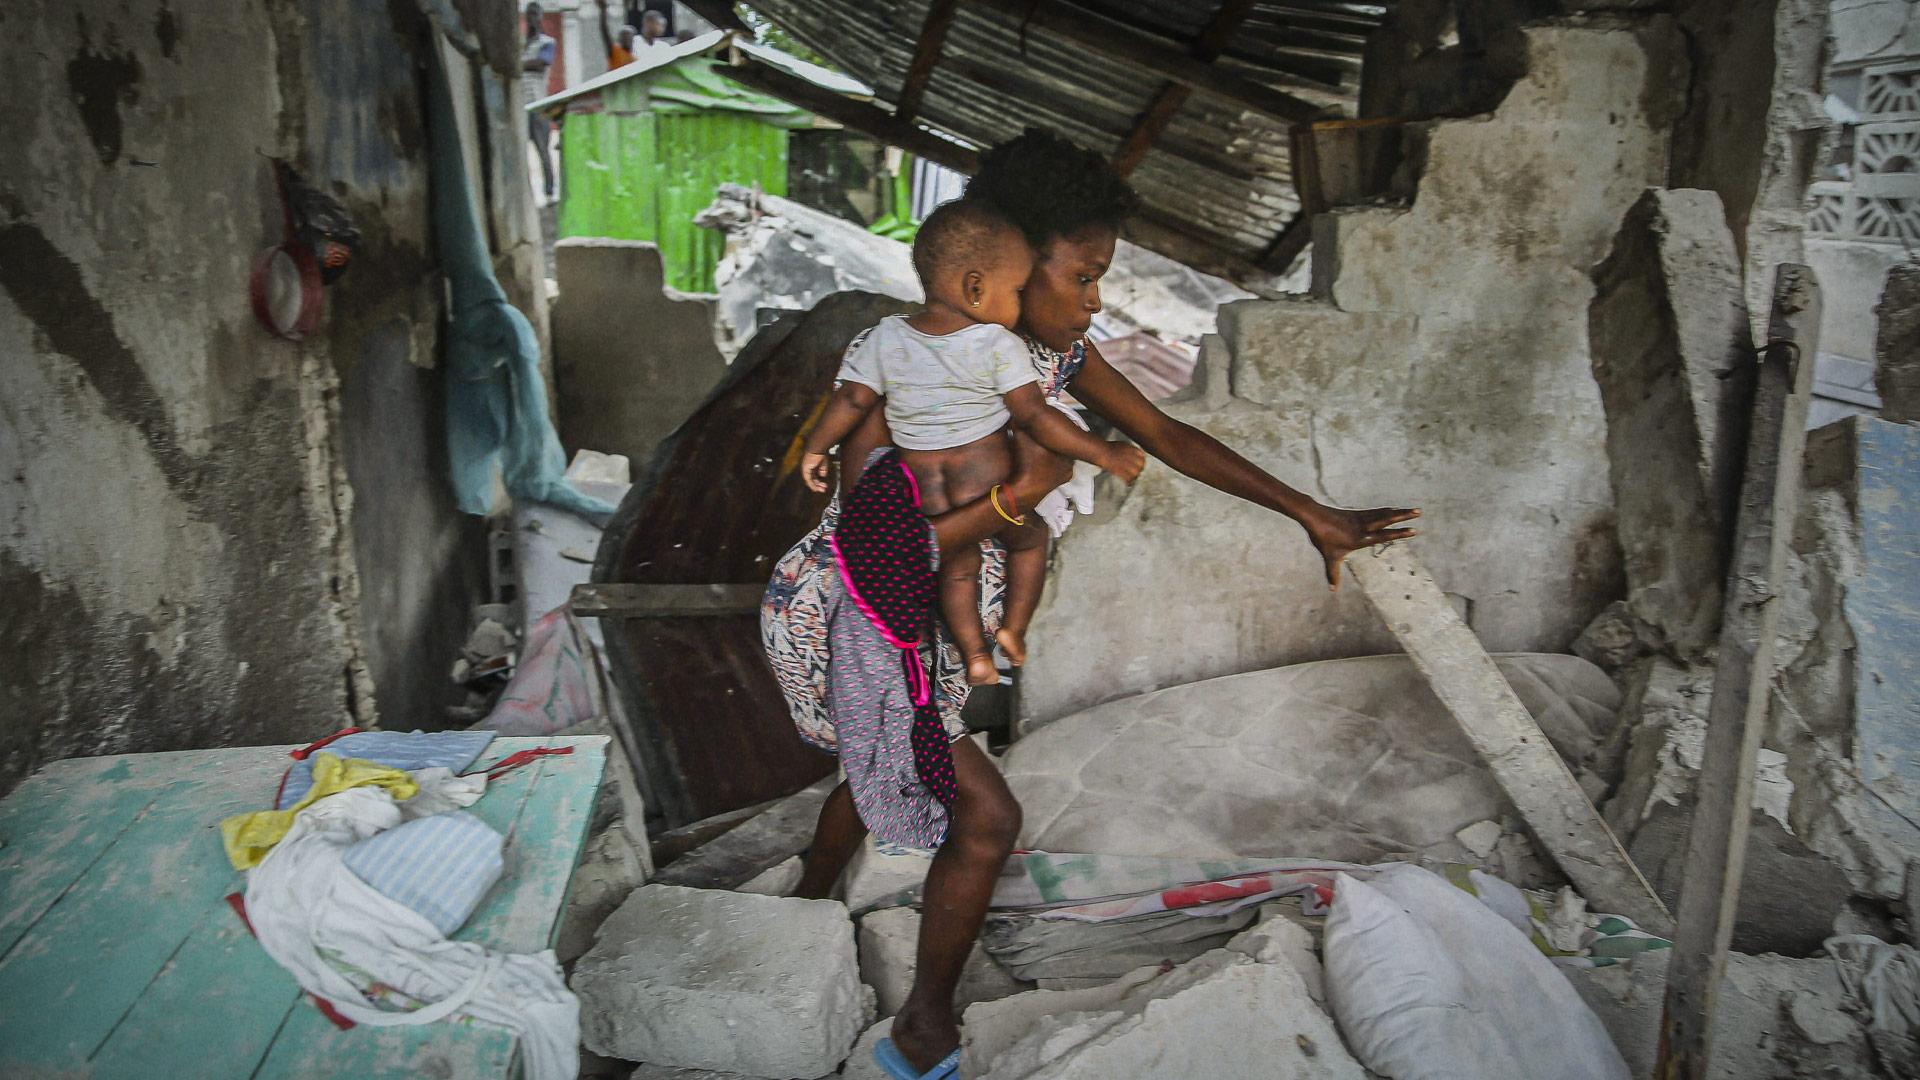 En haitisk mor med sitt barn i famnen i ett hus som delvis rasat. Bilden är från AP/Lehtikuva.